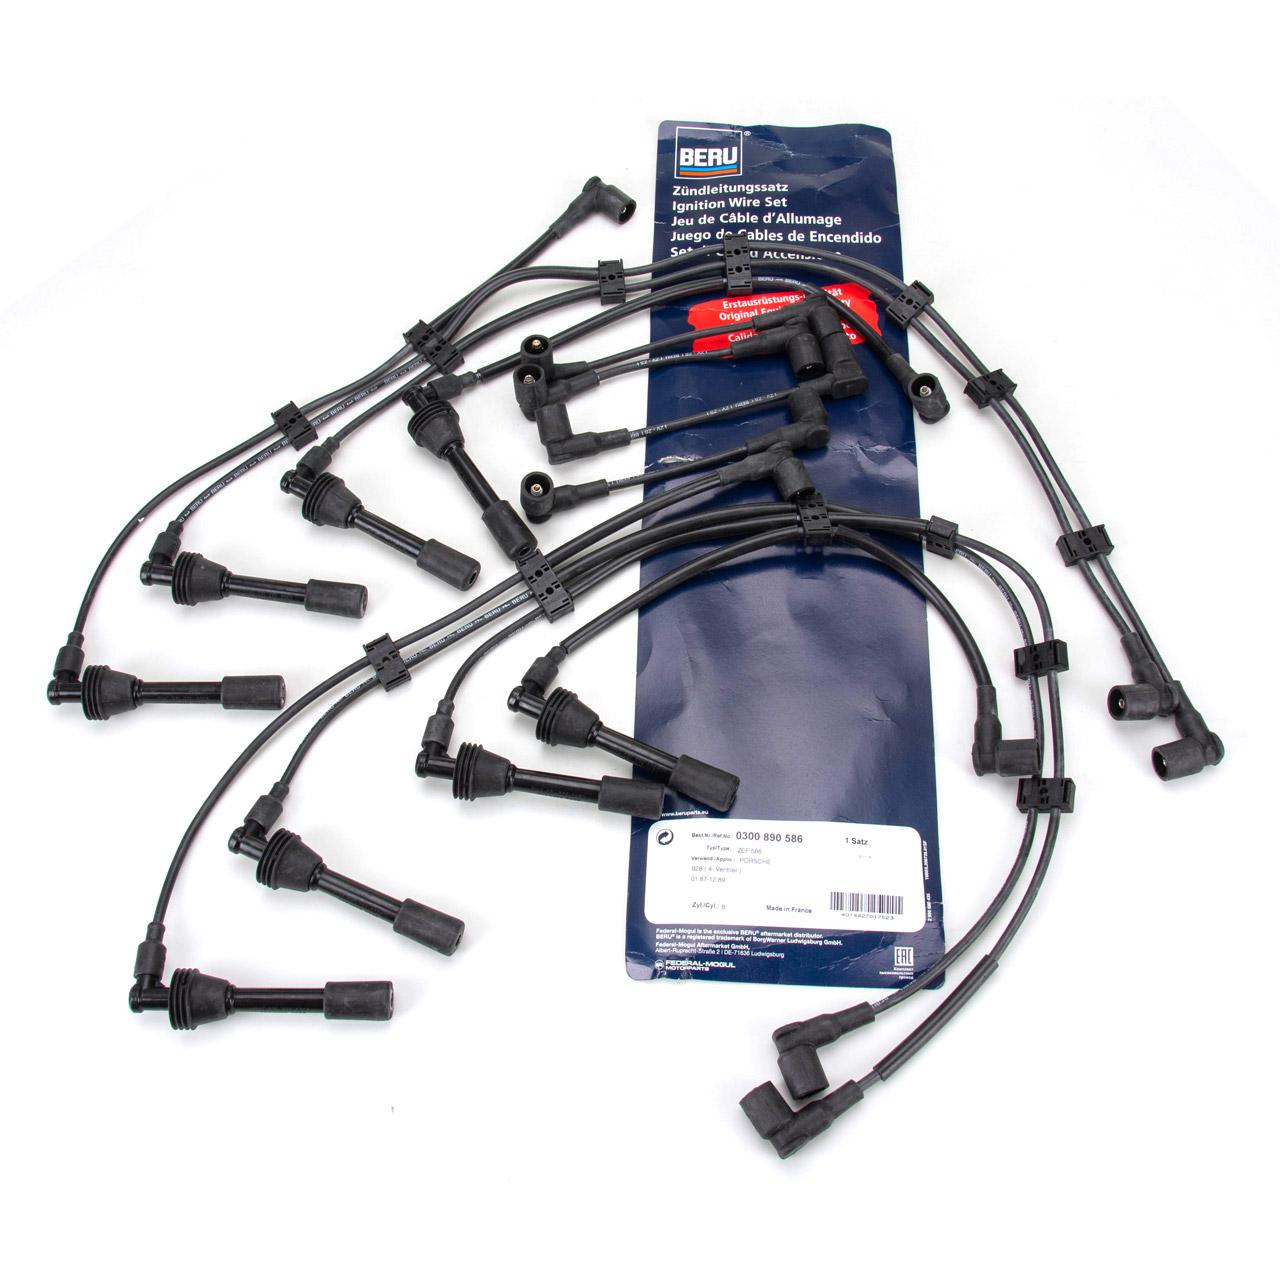 BERU ZEF586 0300890586 Zündkabelsatz PORSCHE 928 5.0 GT / S 320/330 PS